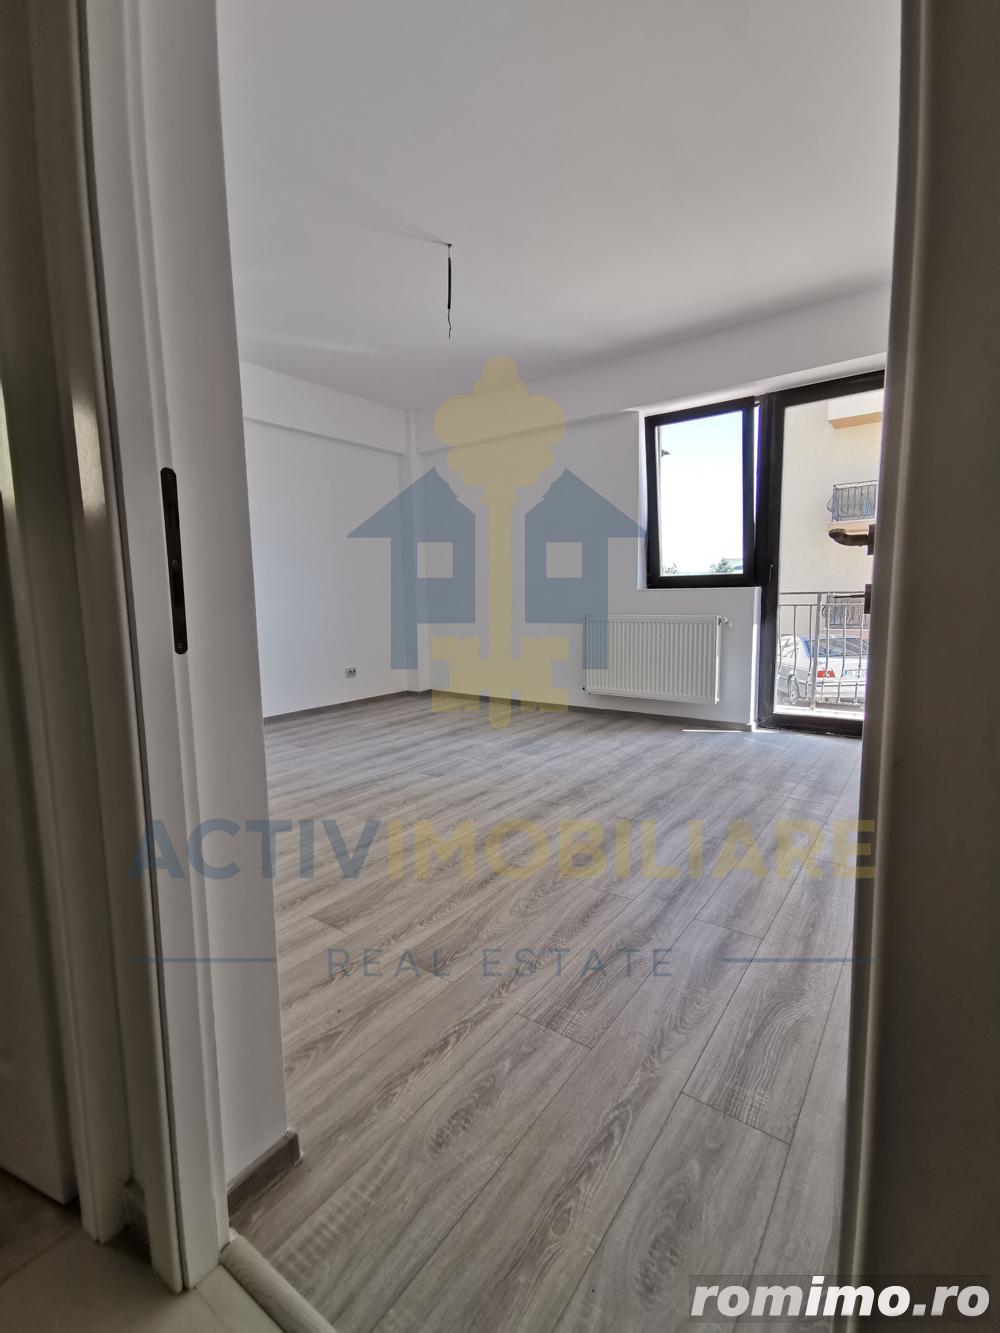 Apartament 2 camere decomandat, zona Lunca Cetatuii, 52 mp utili